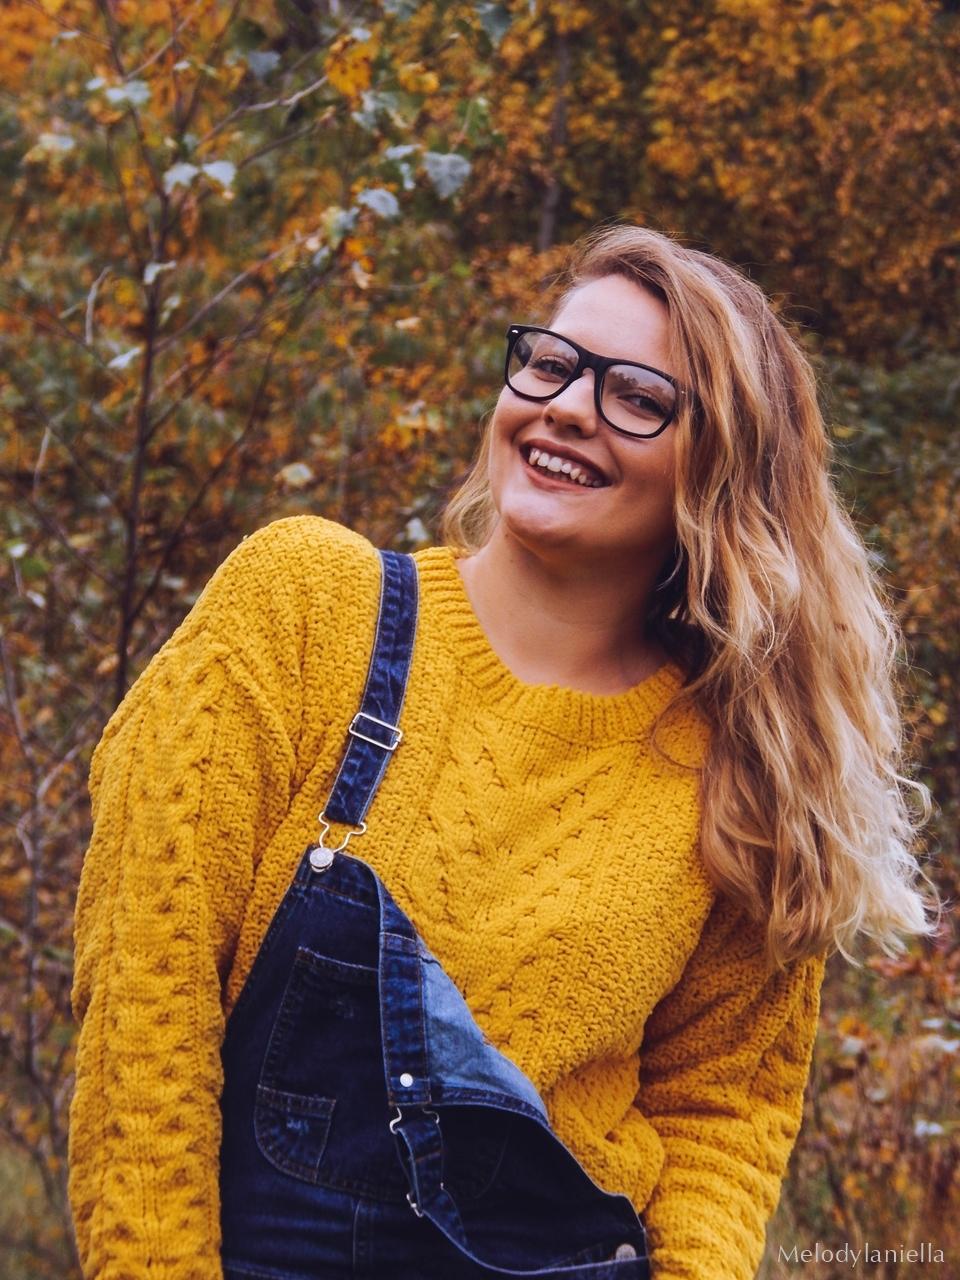 5 ogrodniczki jak dobrać do sylwetki hit czy kit gdzie kupić ogrodniczki jak nosić ogrodniczki pomysł na stylizację z ogrodniczkami jak ubierać się jesienią pomysł na żółty sweter jak nosić kolorowe skarpetki